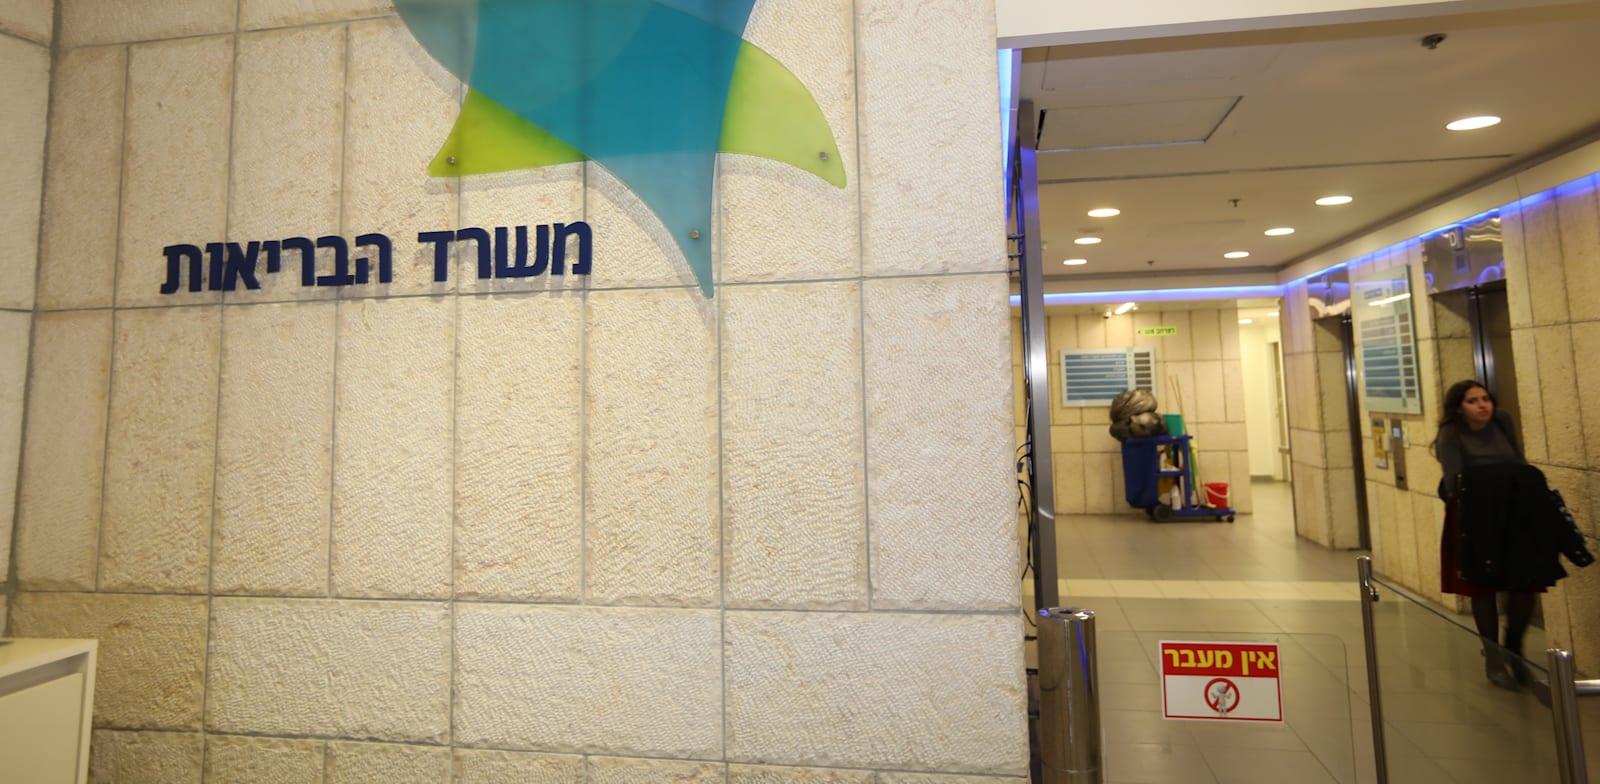 שלט משרד הבריאות ירושלים / צילום: איל יצהר